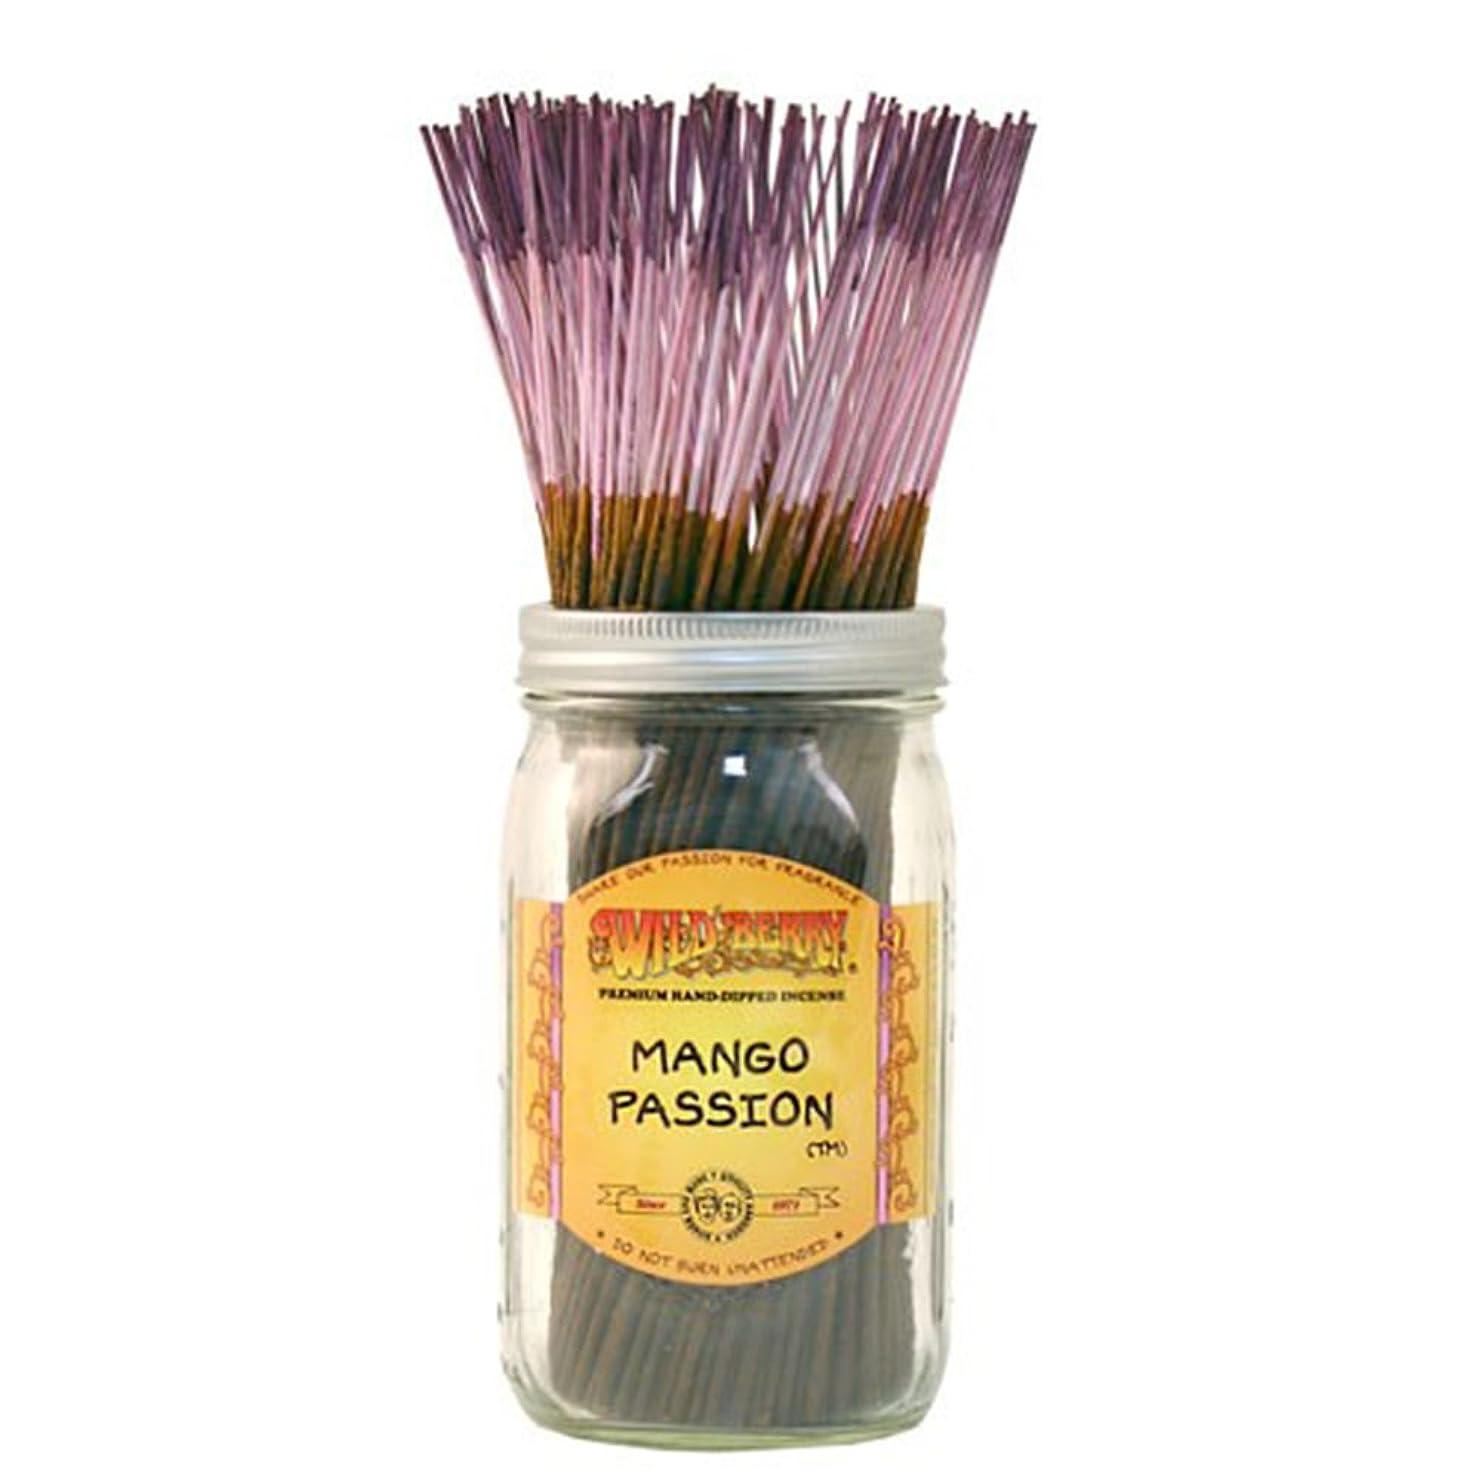 ドレイン摂氏度レンドWild Berry Mango Passion, Highly Fragranced Incense Sticksバルクパック、100ピース、11インチ